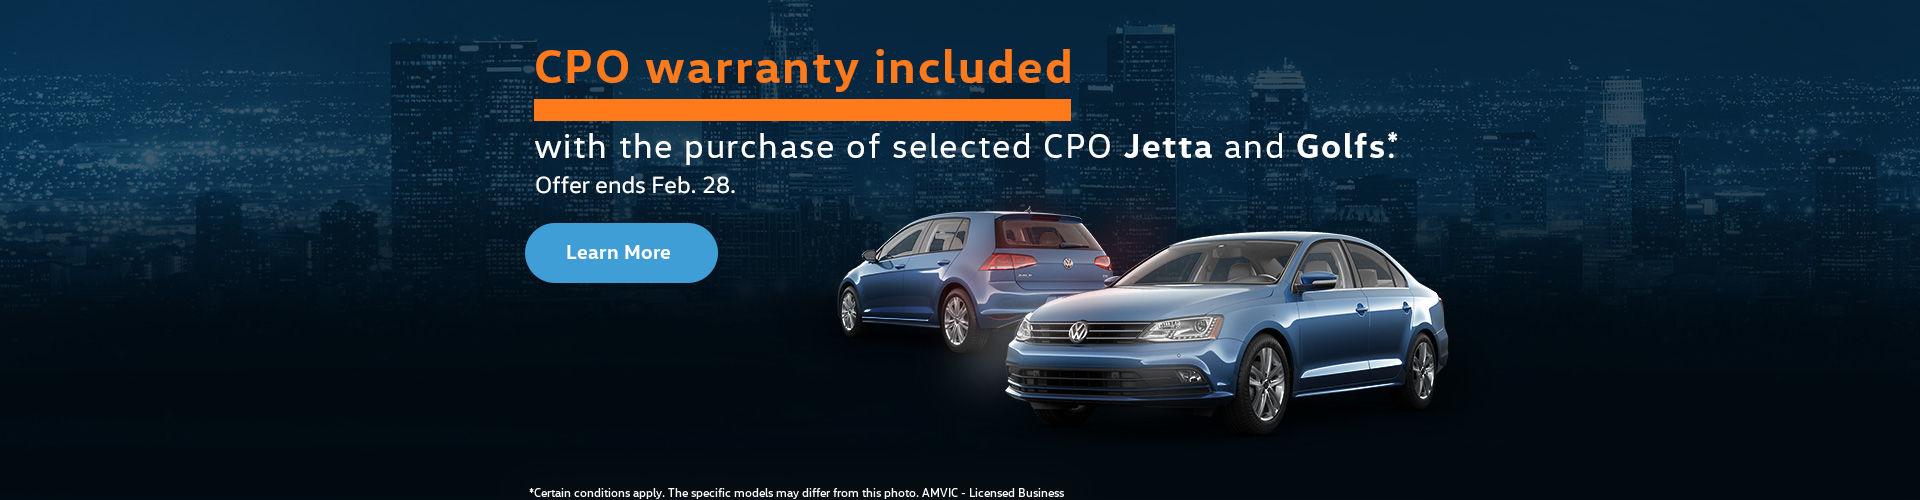 CPO warranty